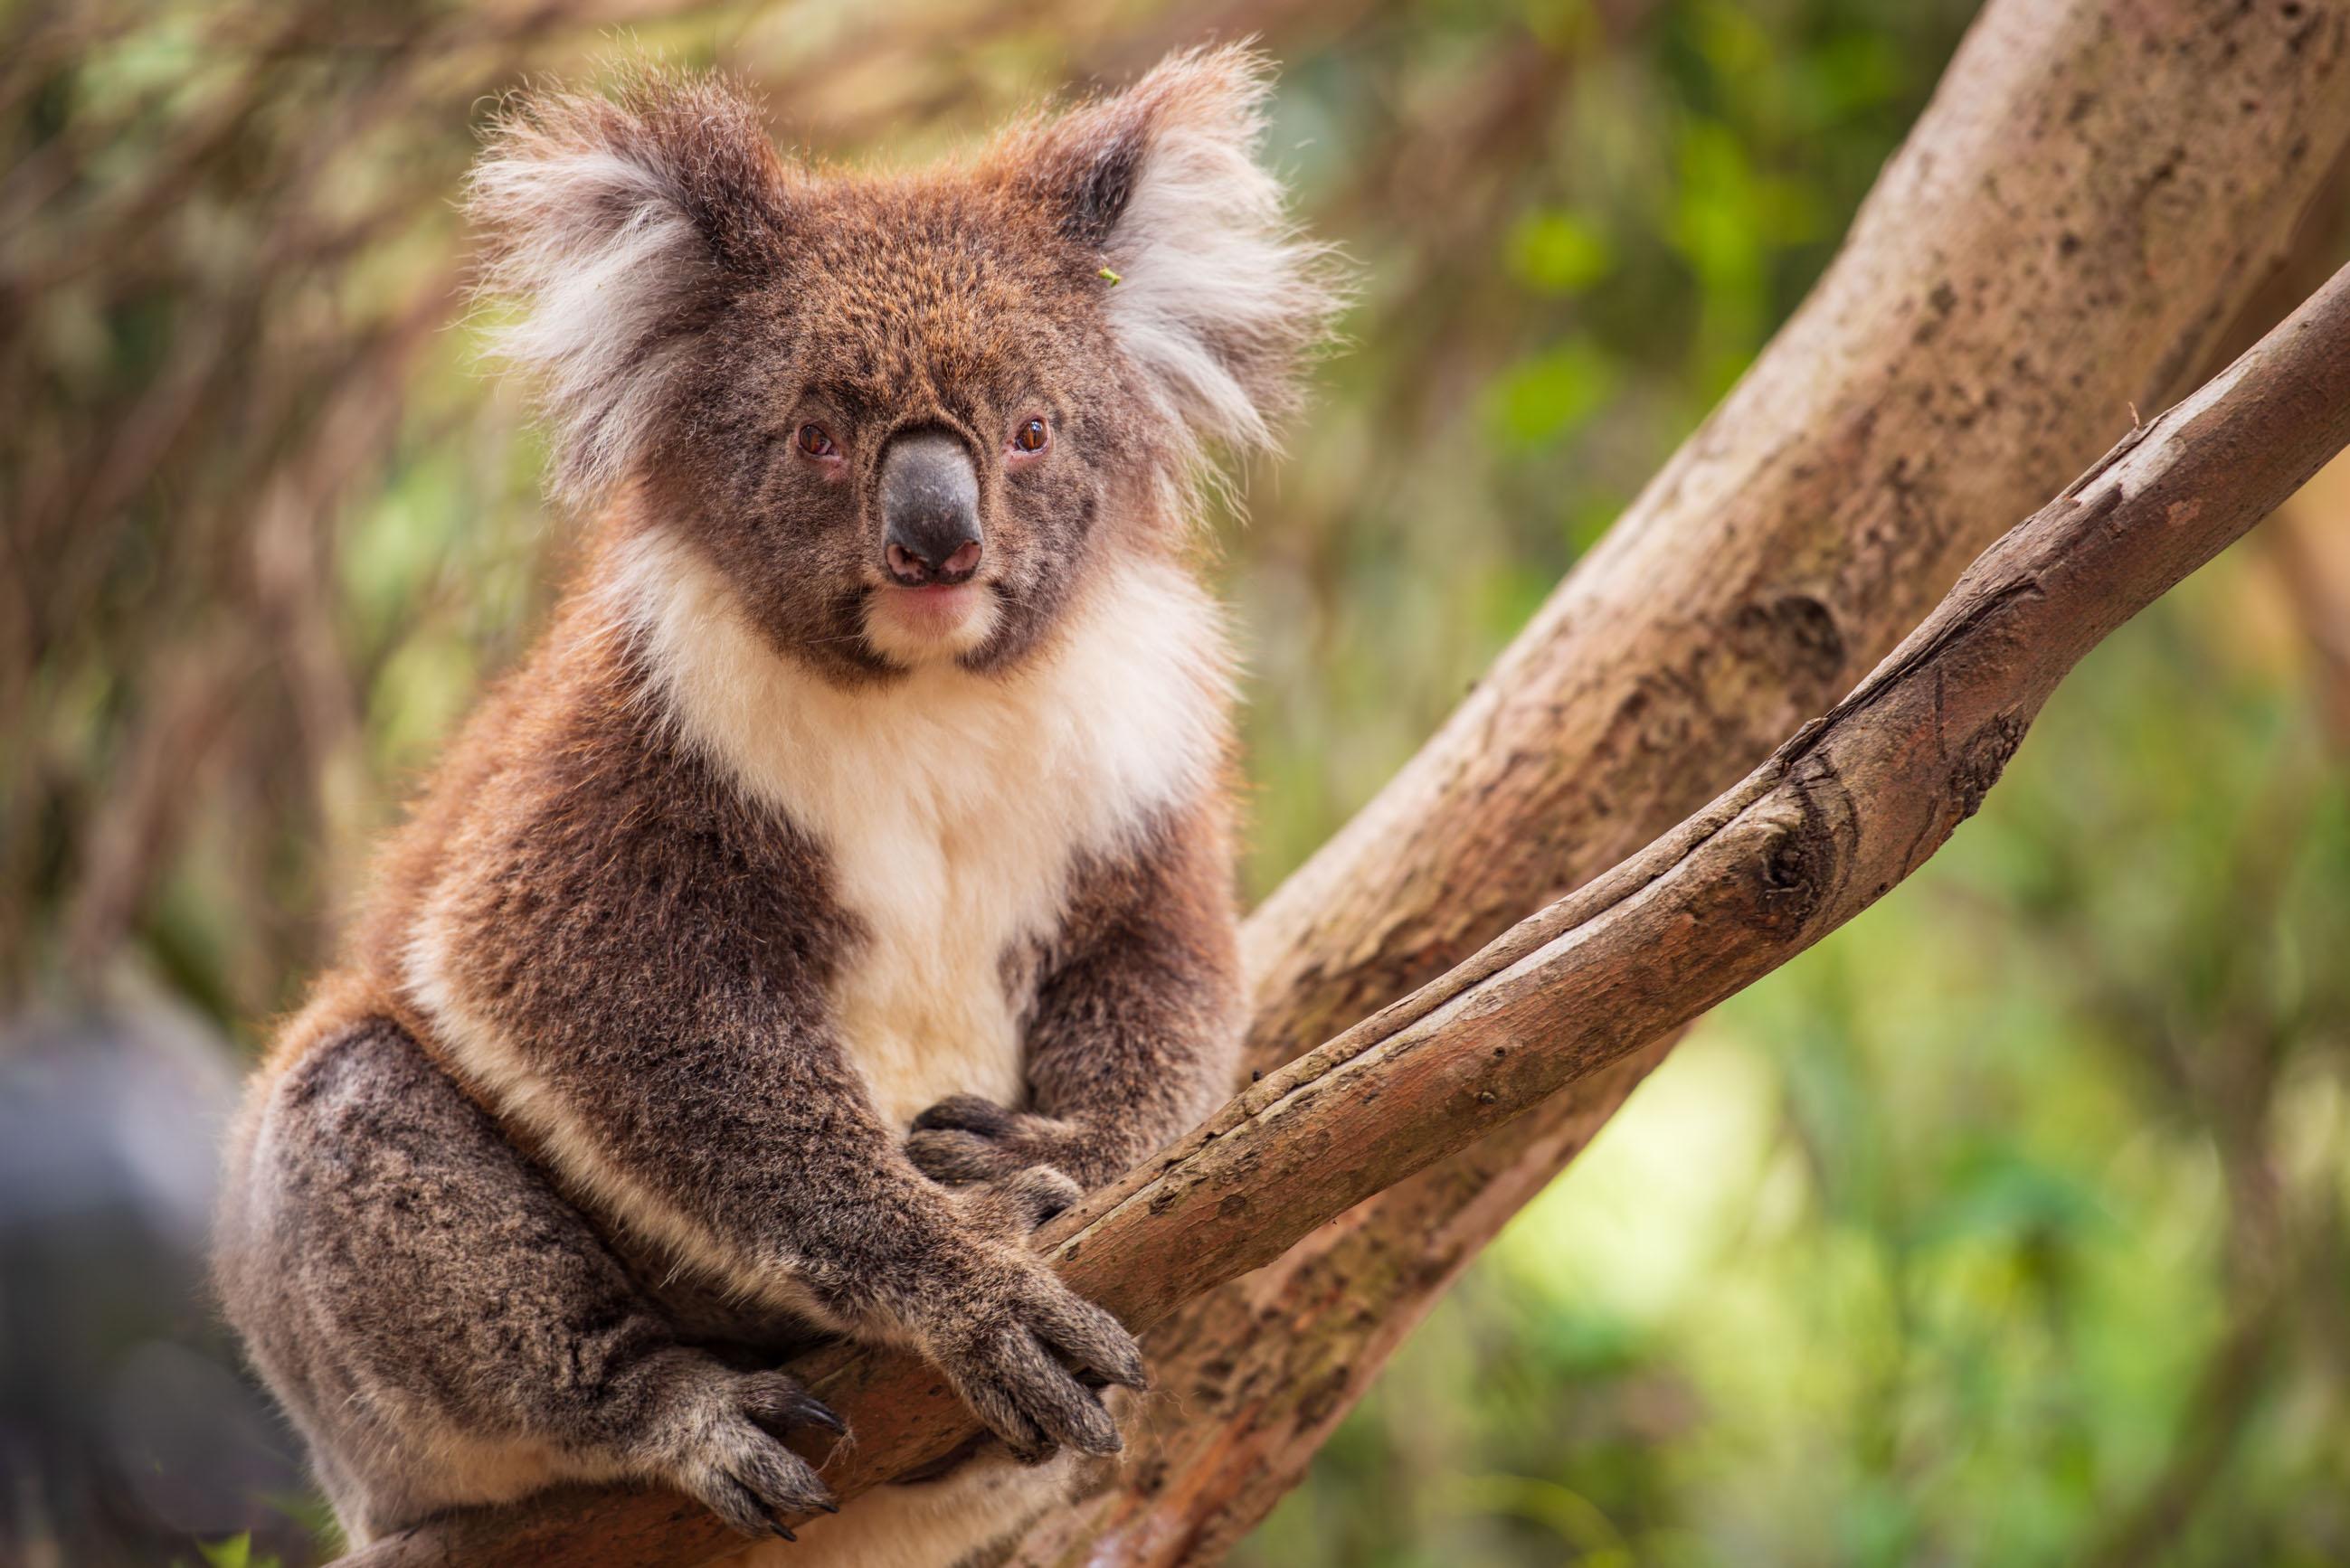 https://bubo.sk/uploads/galleries/5027/robert_taraba_koala.jpg